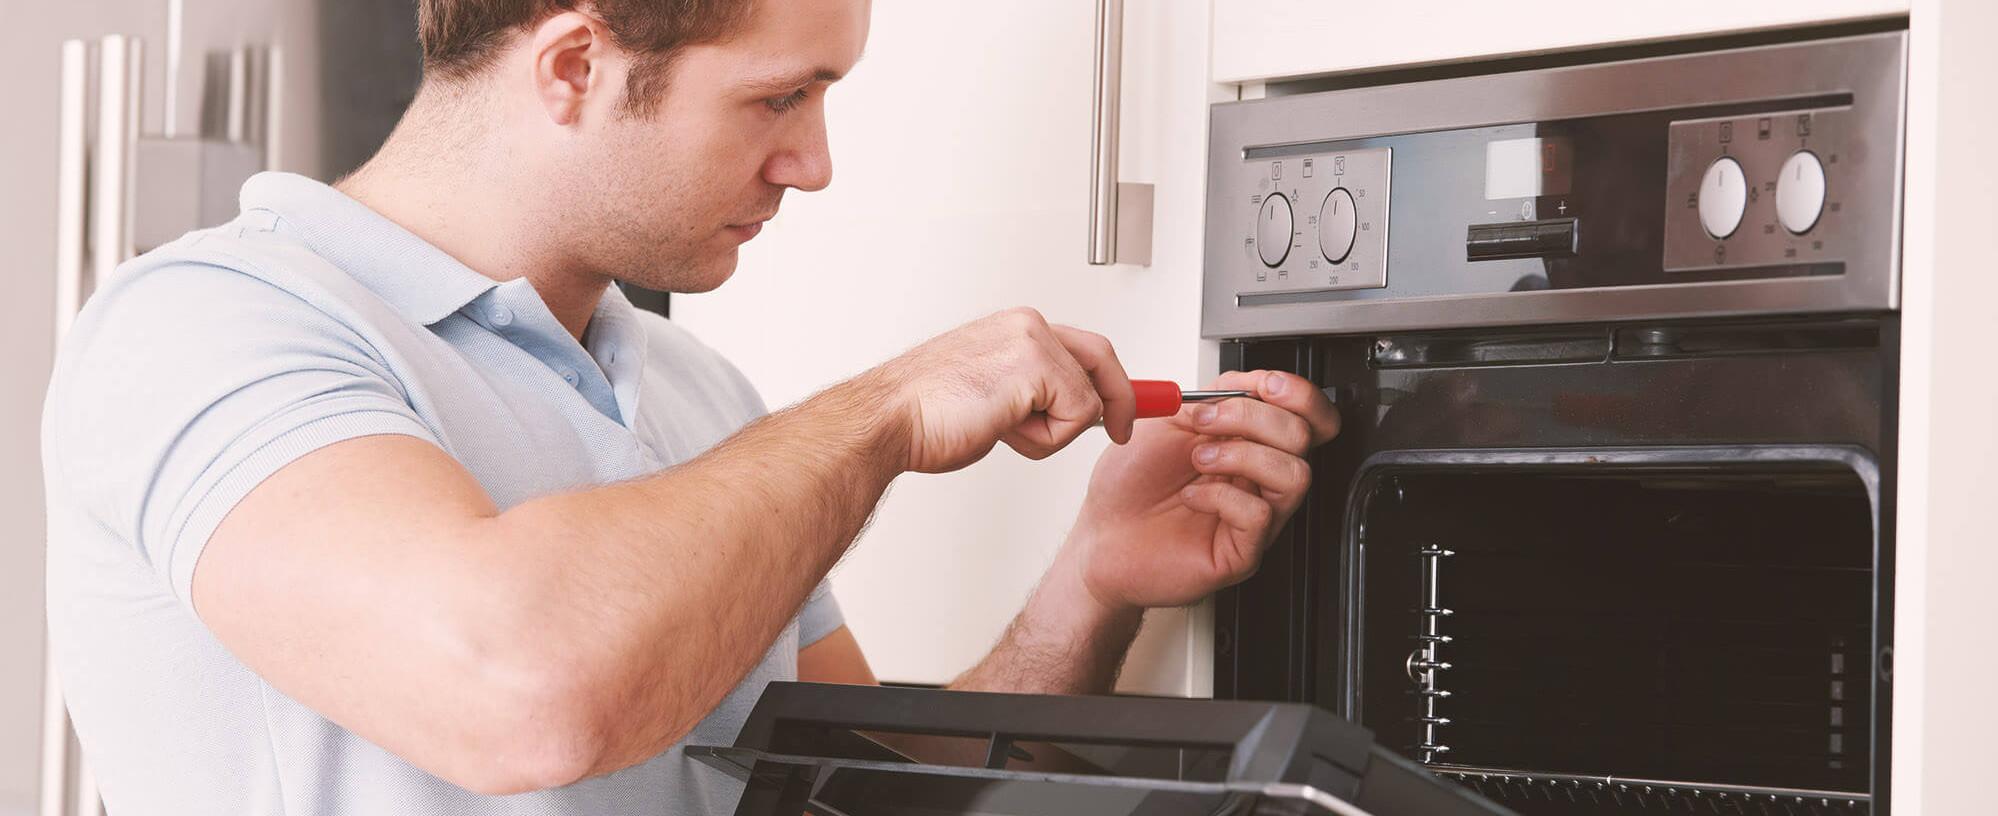 Специалист по ремонту: бытовой техники